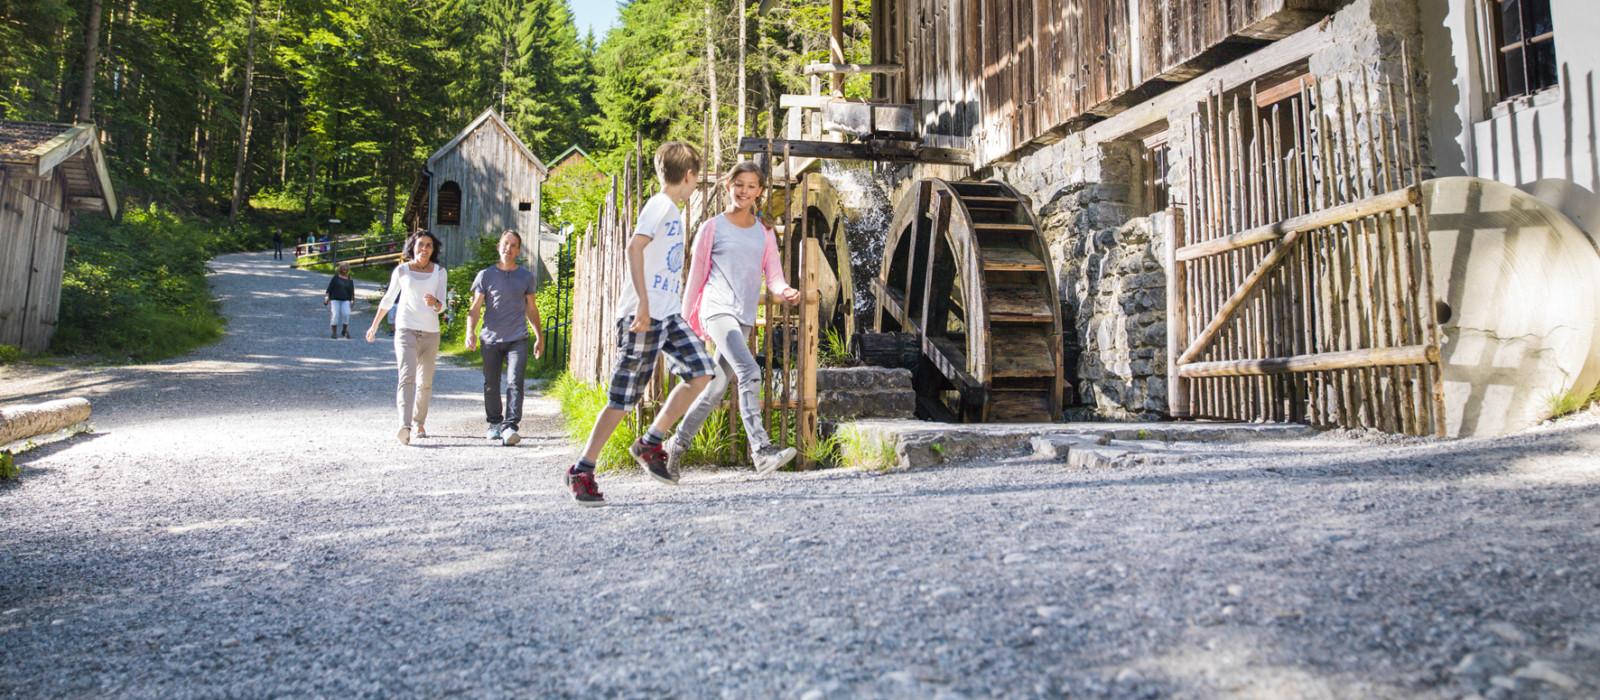 Jugendliche vor einer Wassermühle